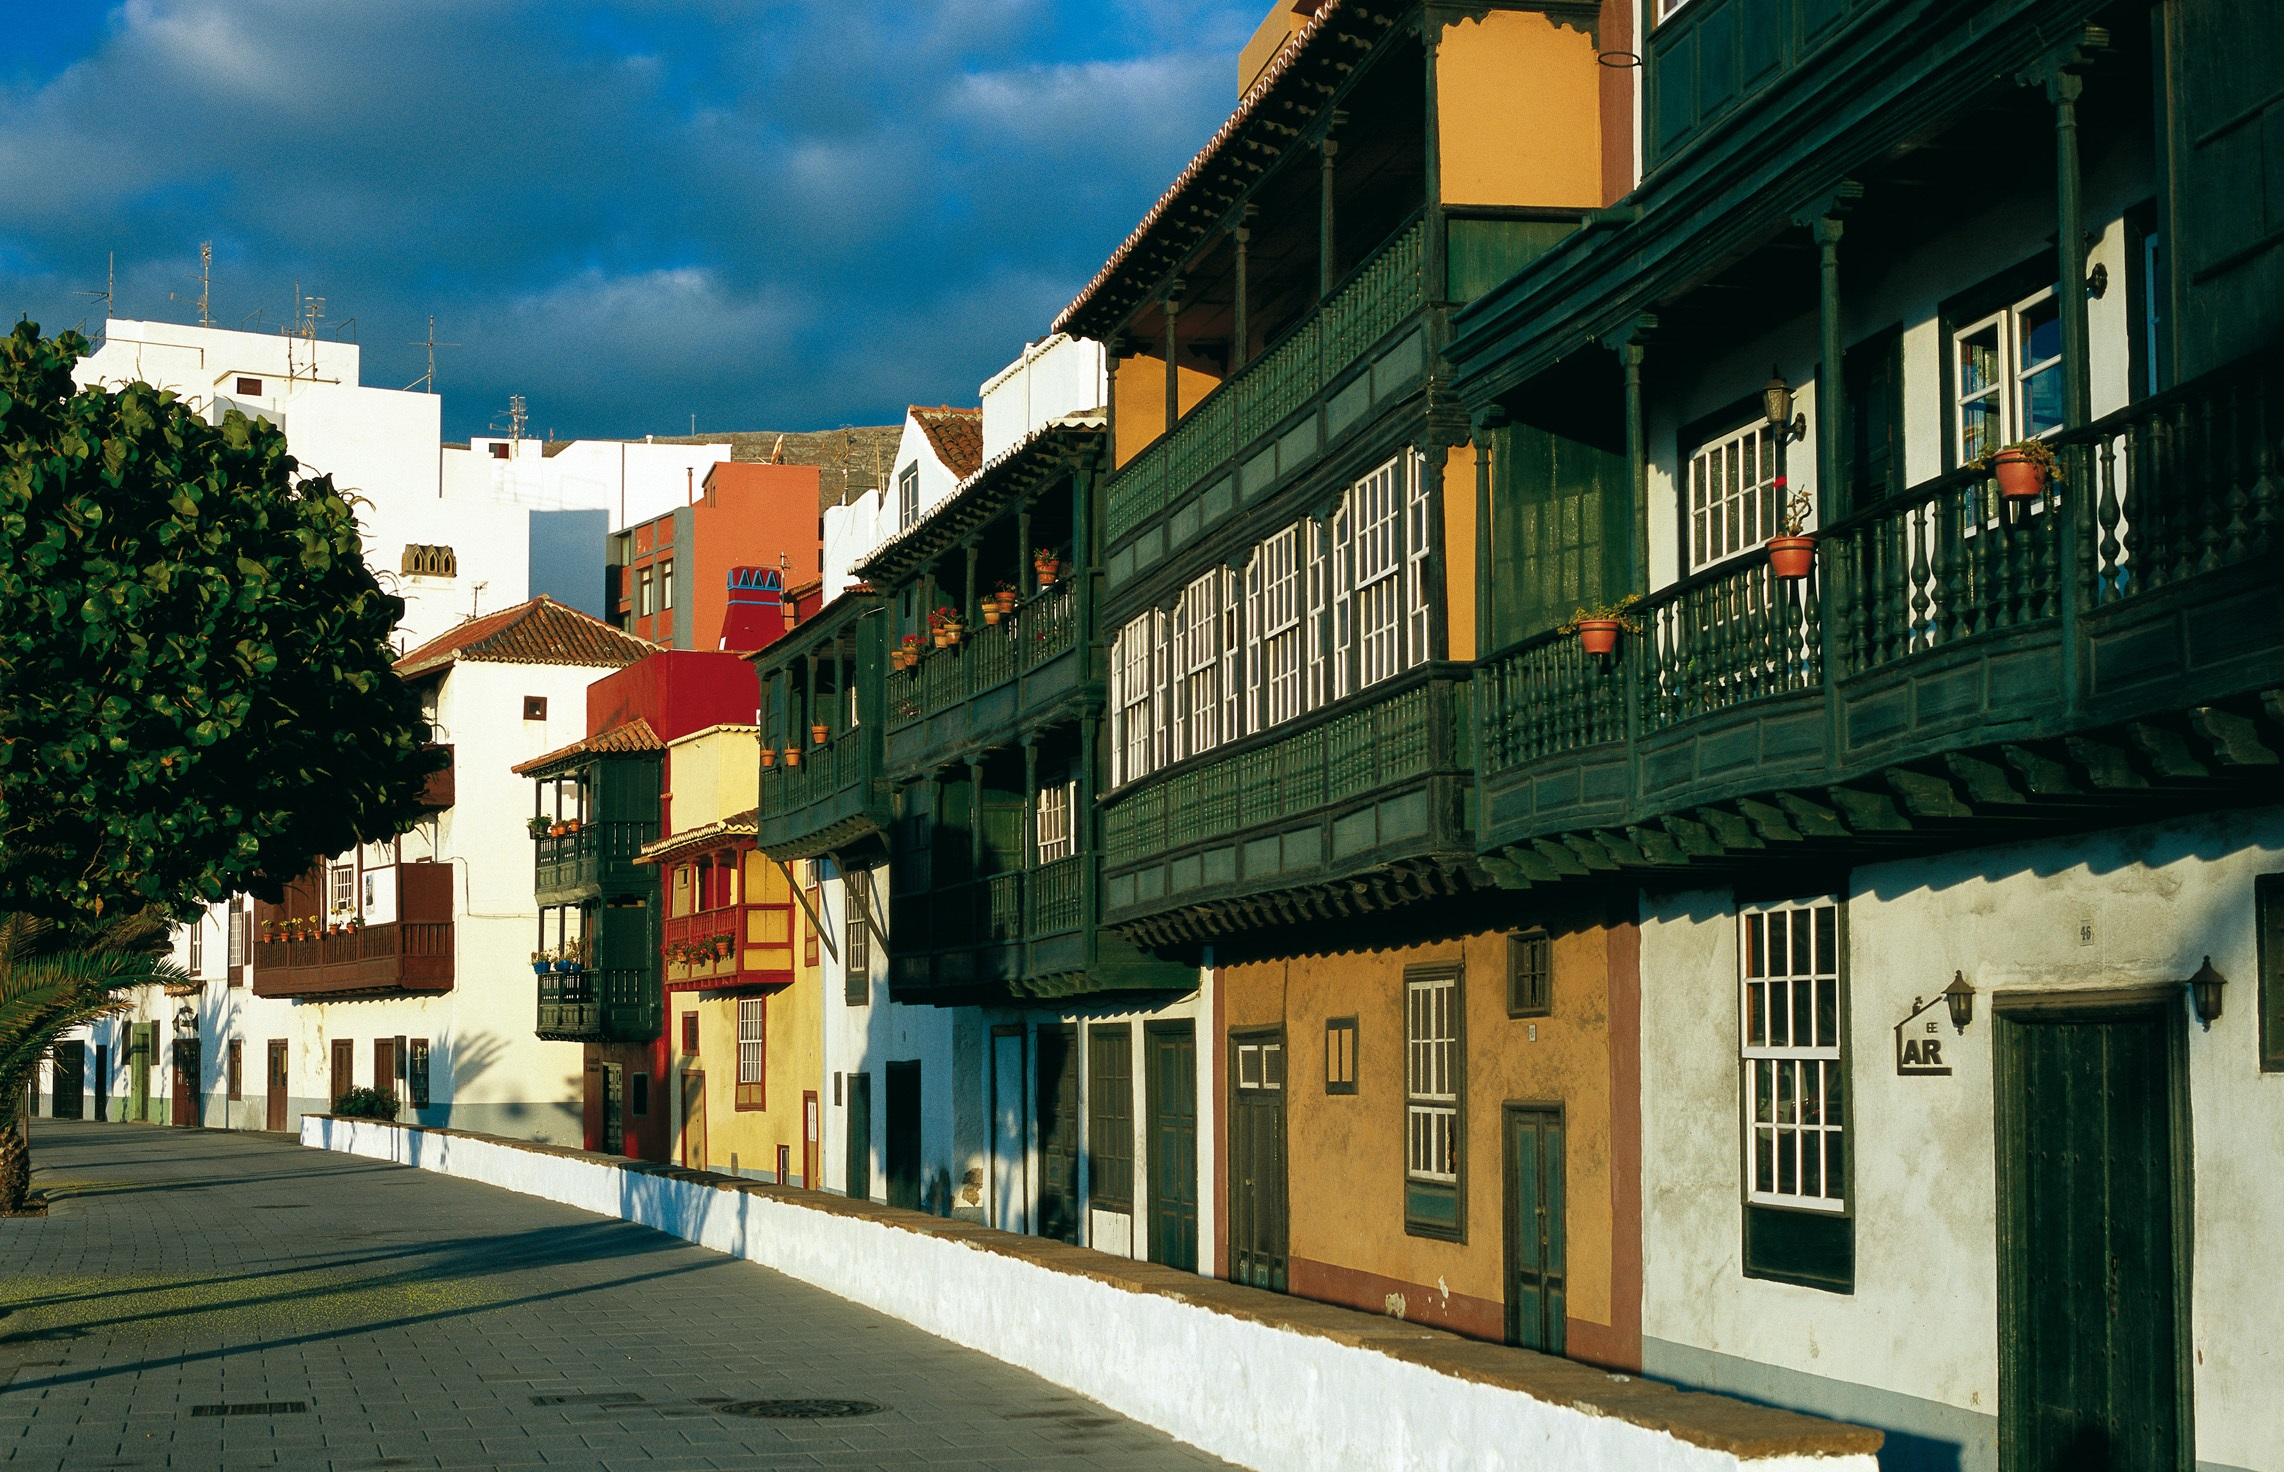 Volo Piu Hotel Isole Canarie